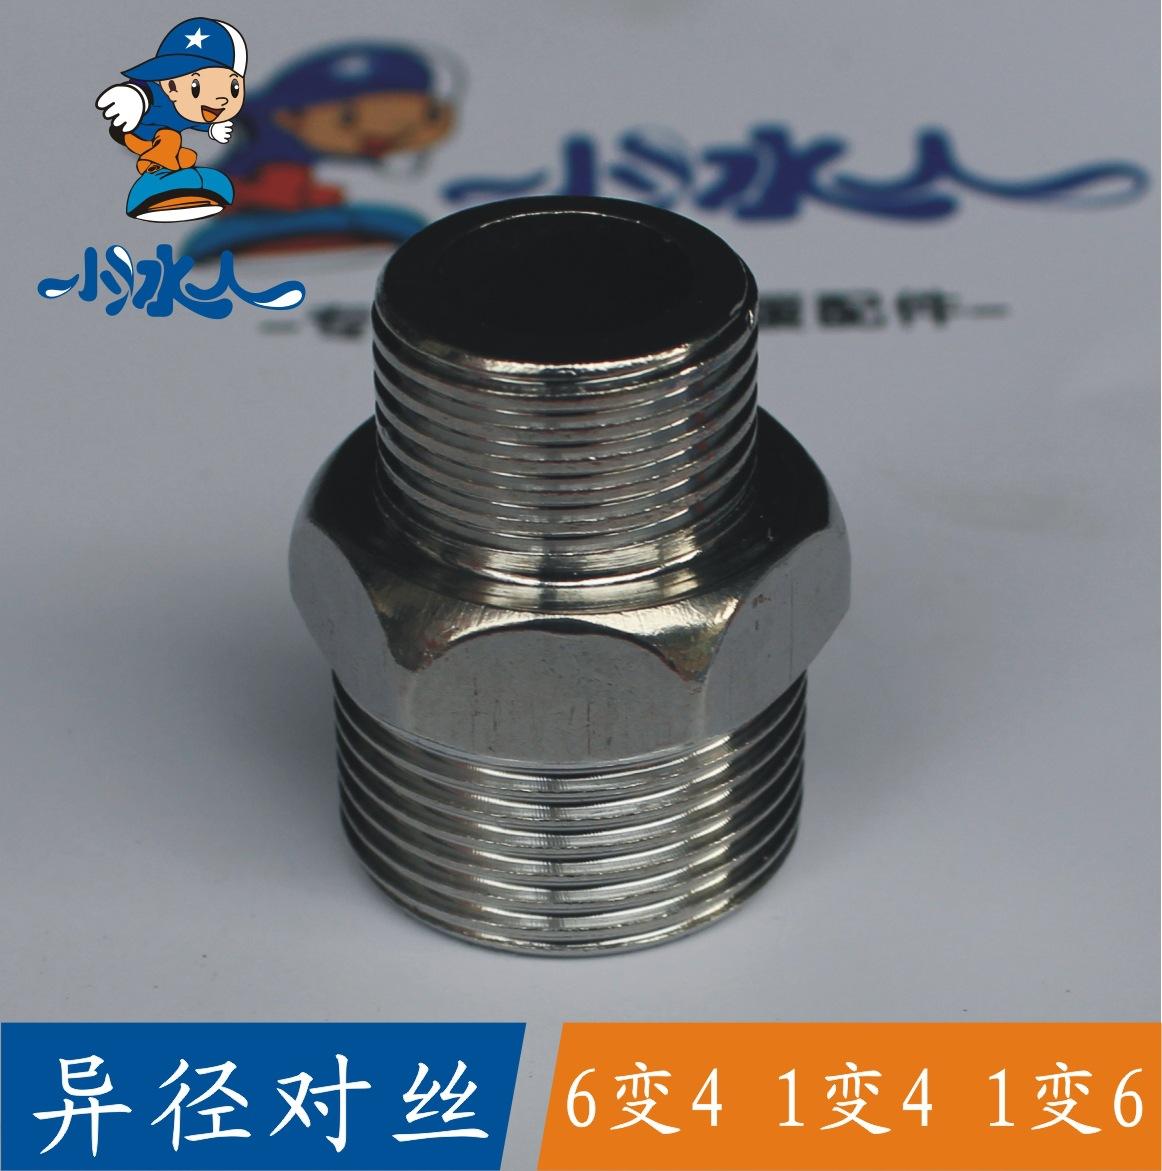 小冰人厂家低价不锈钢外丝直销 6分变4分优质不锈钢变径对丝图片